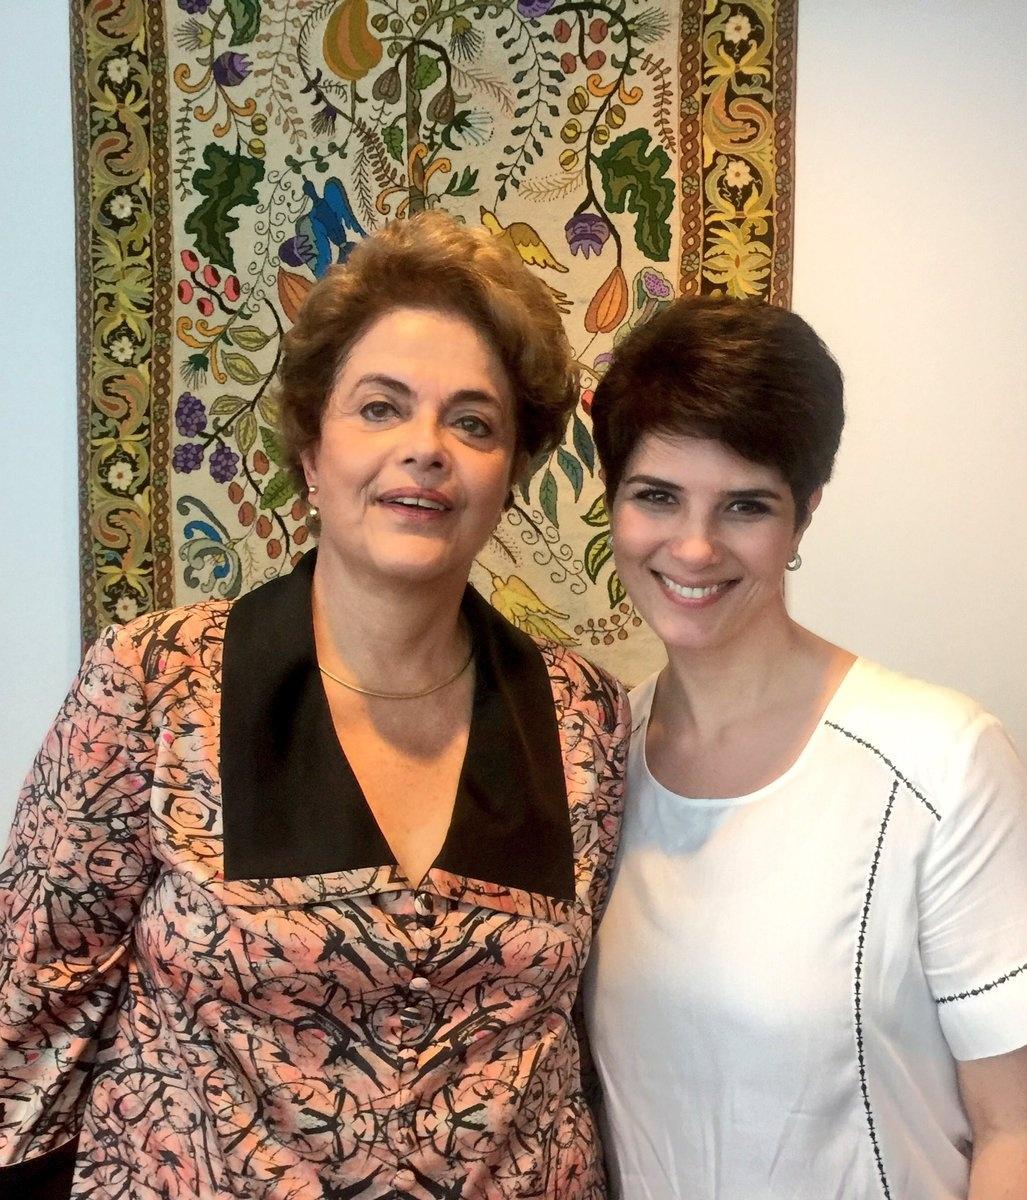 9.jun.2016 - A presidente afastada, Dilma Rousseff, concede entrevista à jornalista Mariana Godoy, que será transmitida pela Rede TV na sexta-feira (10). Segundo a jornalista, que postou a foto em sua página no Twitter, Dilma foi quem fez seu penteado e sua maquiagem para a entrevista